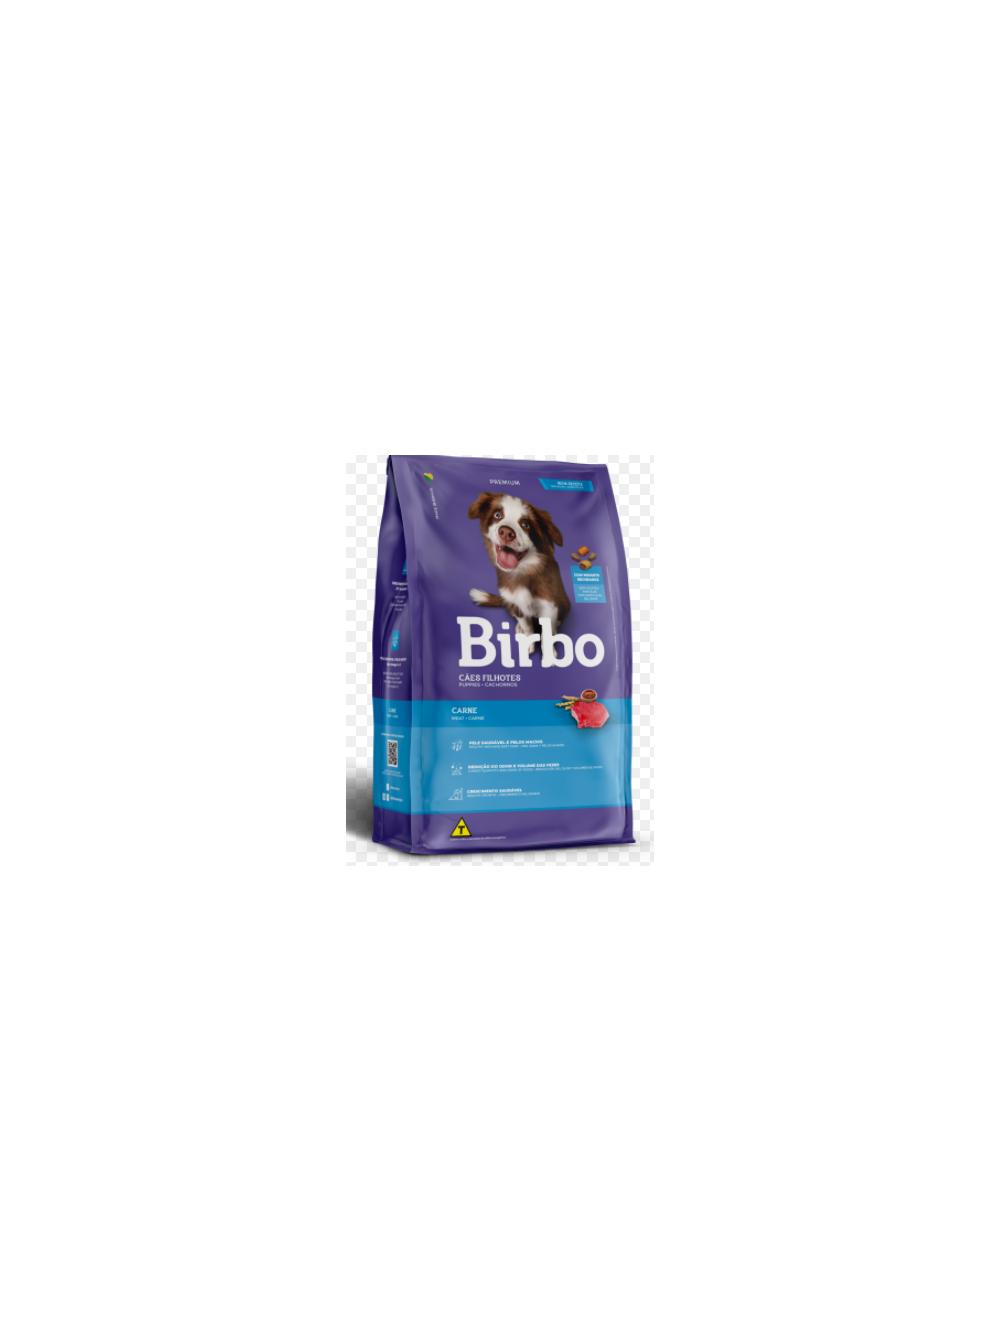 Birbo Dog Puppy 7 kg - Ciudaddemascotas.com